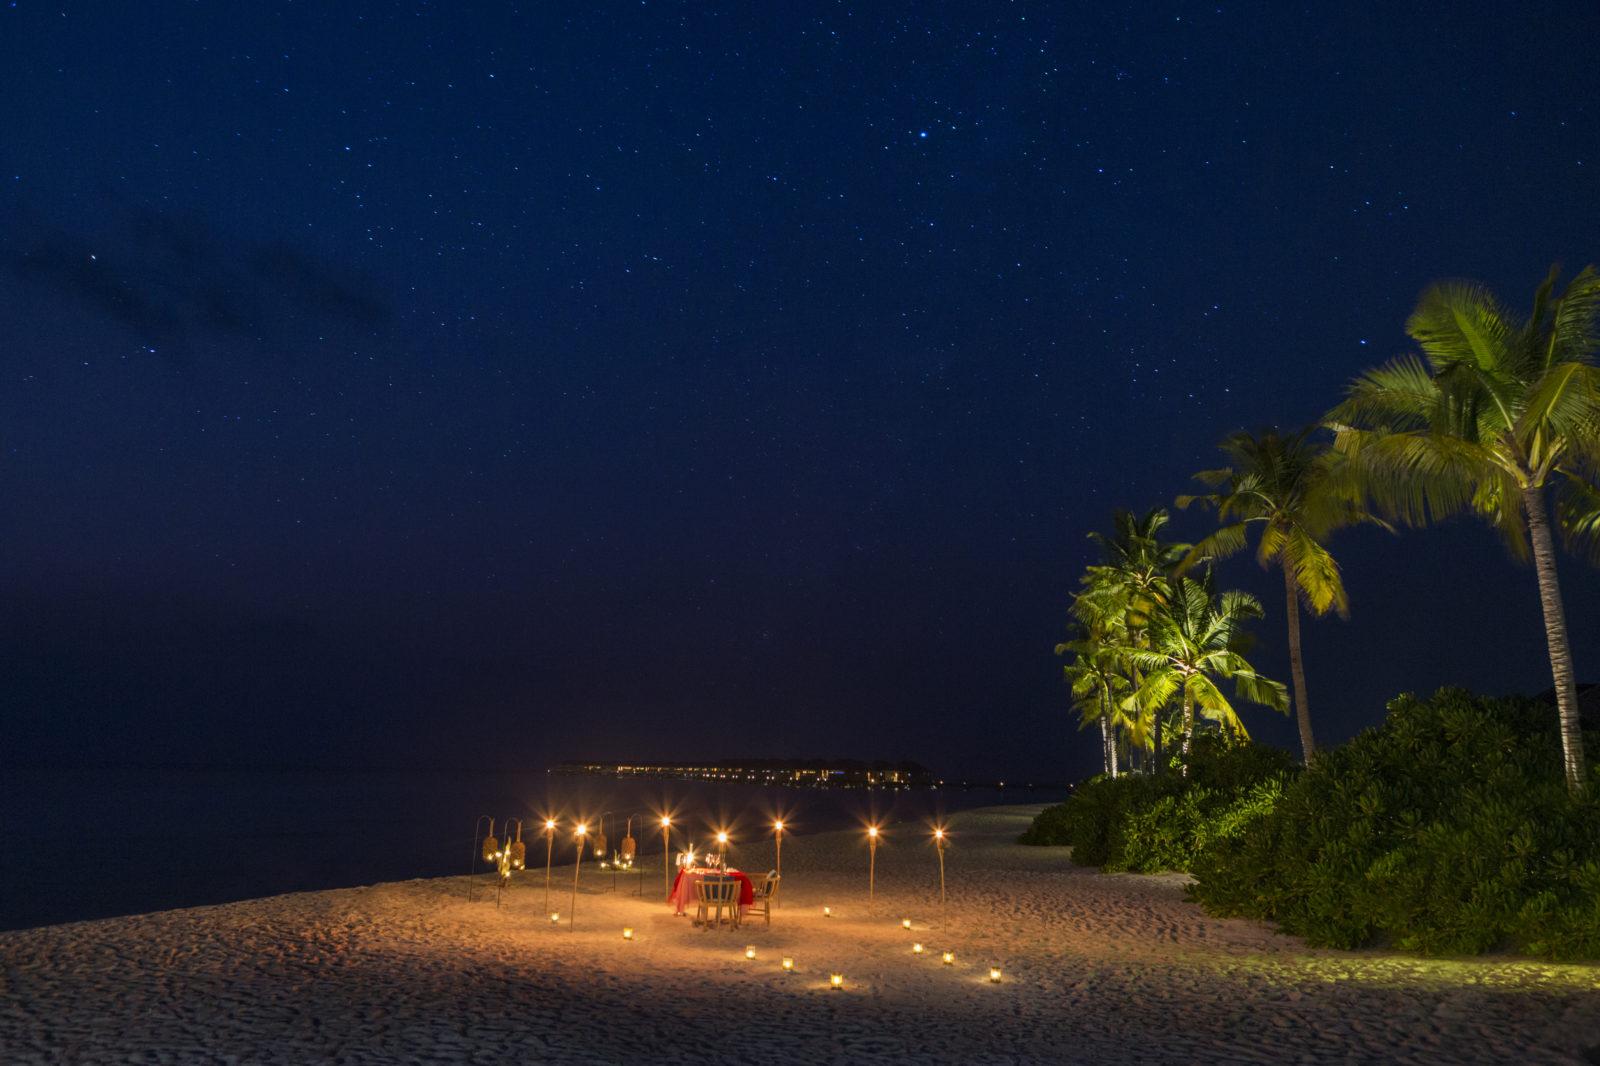 フラワリ・アイランド ライトアップをしてロマンティックディナー